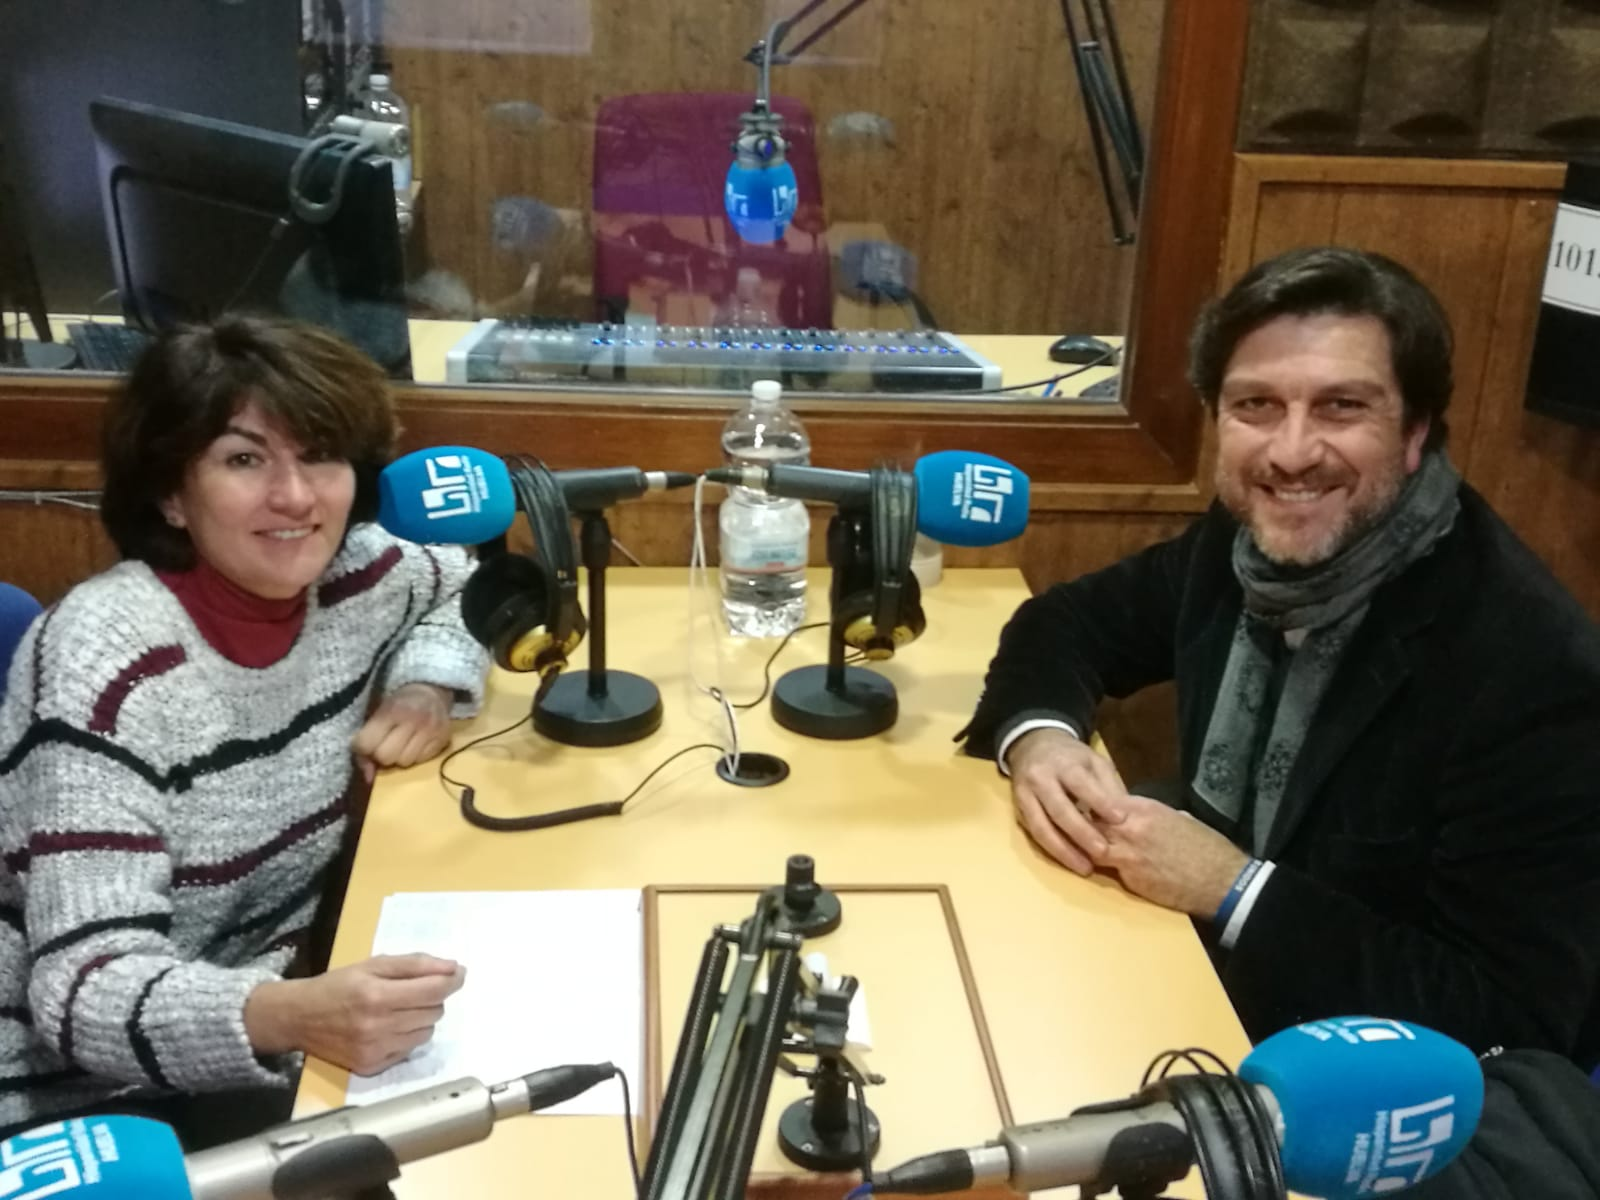 Queremos Saber 10-01-2019 Enrique Gaviño Concejal de Seguridad Ciudadana. Movilidad y Tráfico del Ayuntamiento de Huelva